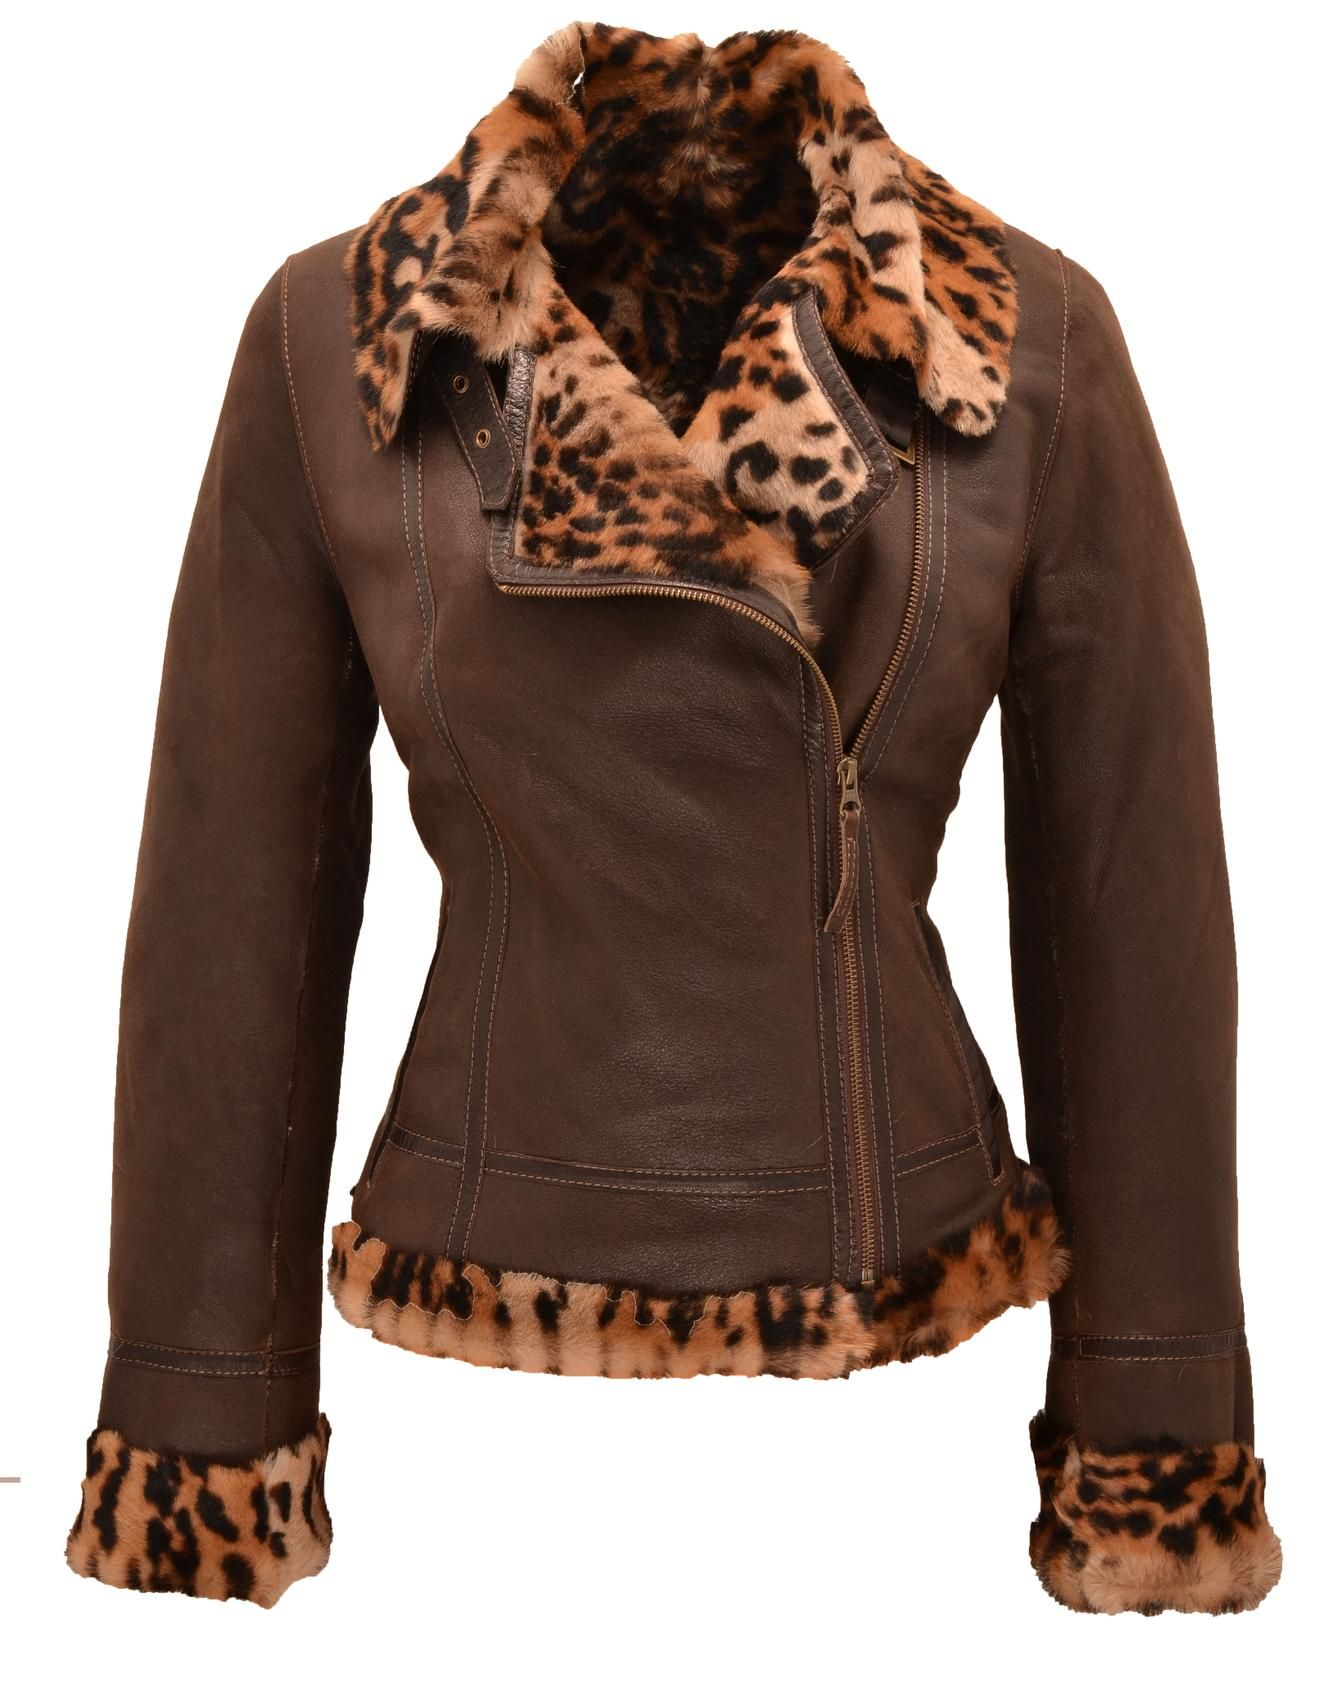 Manteau cuir femme Petits prix et modèles sur le guide Kibodio